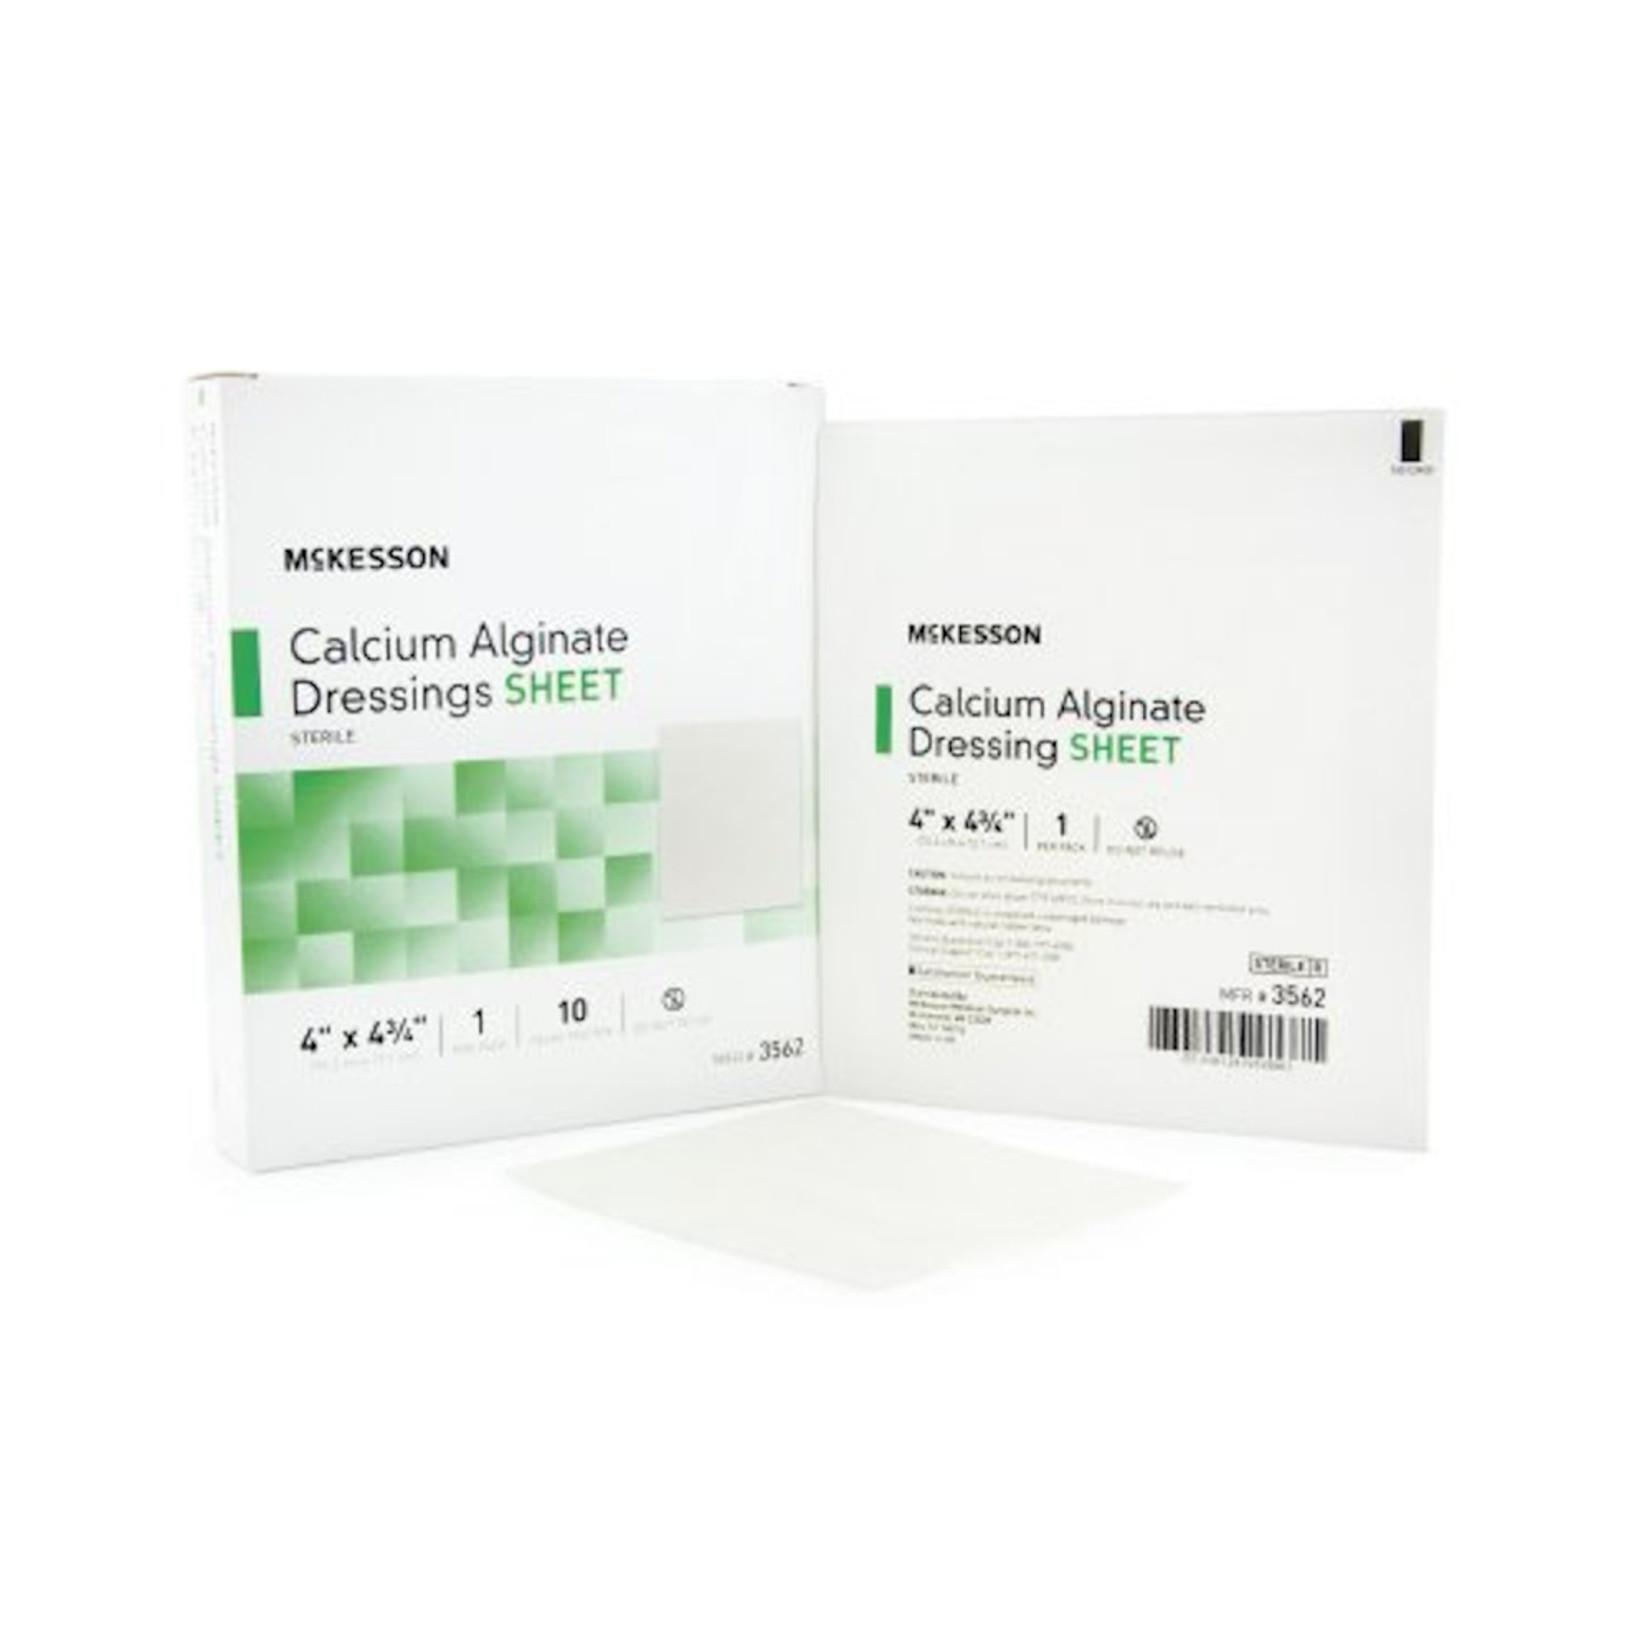 Calcium Alginate Dressing 4x4.3/4